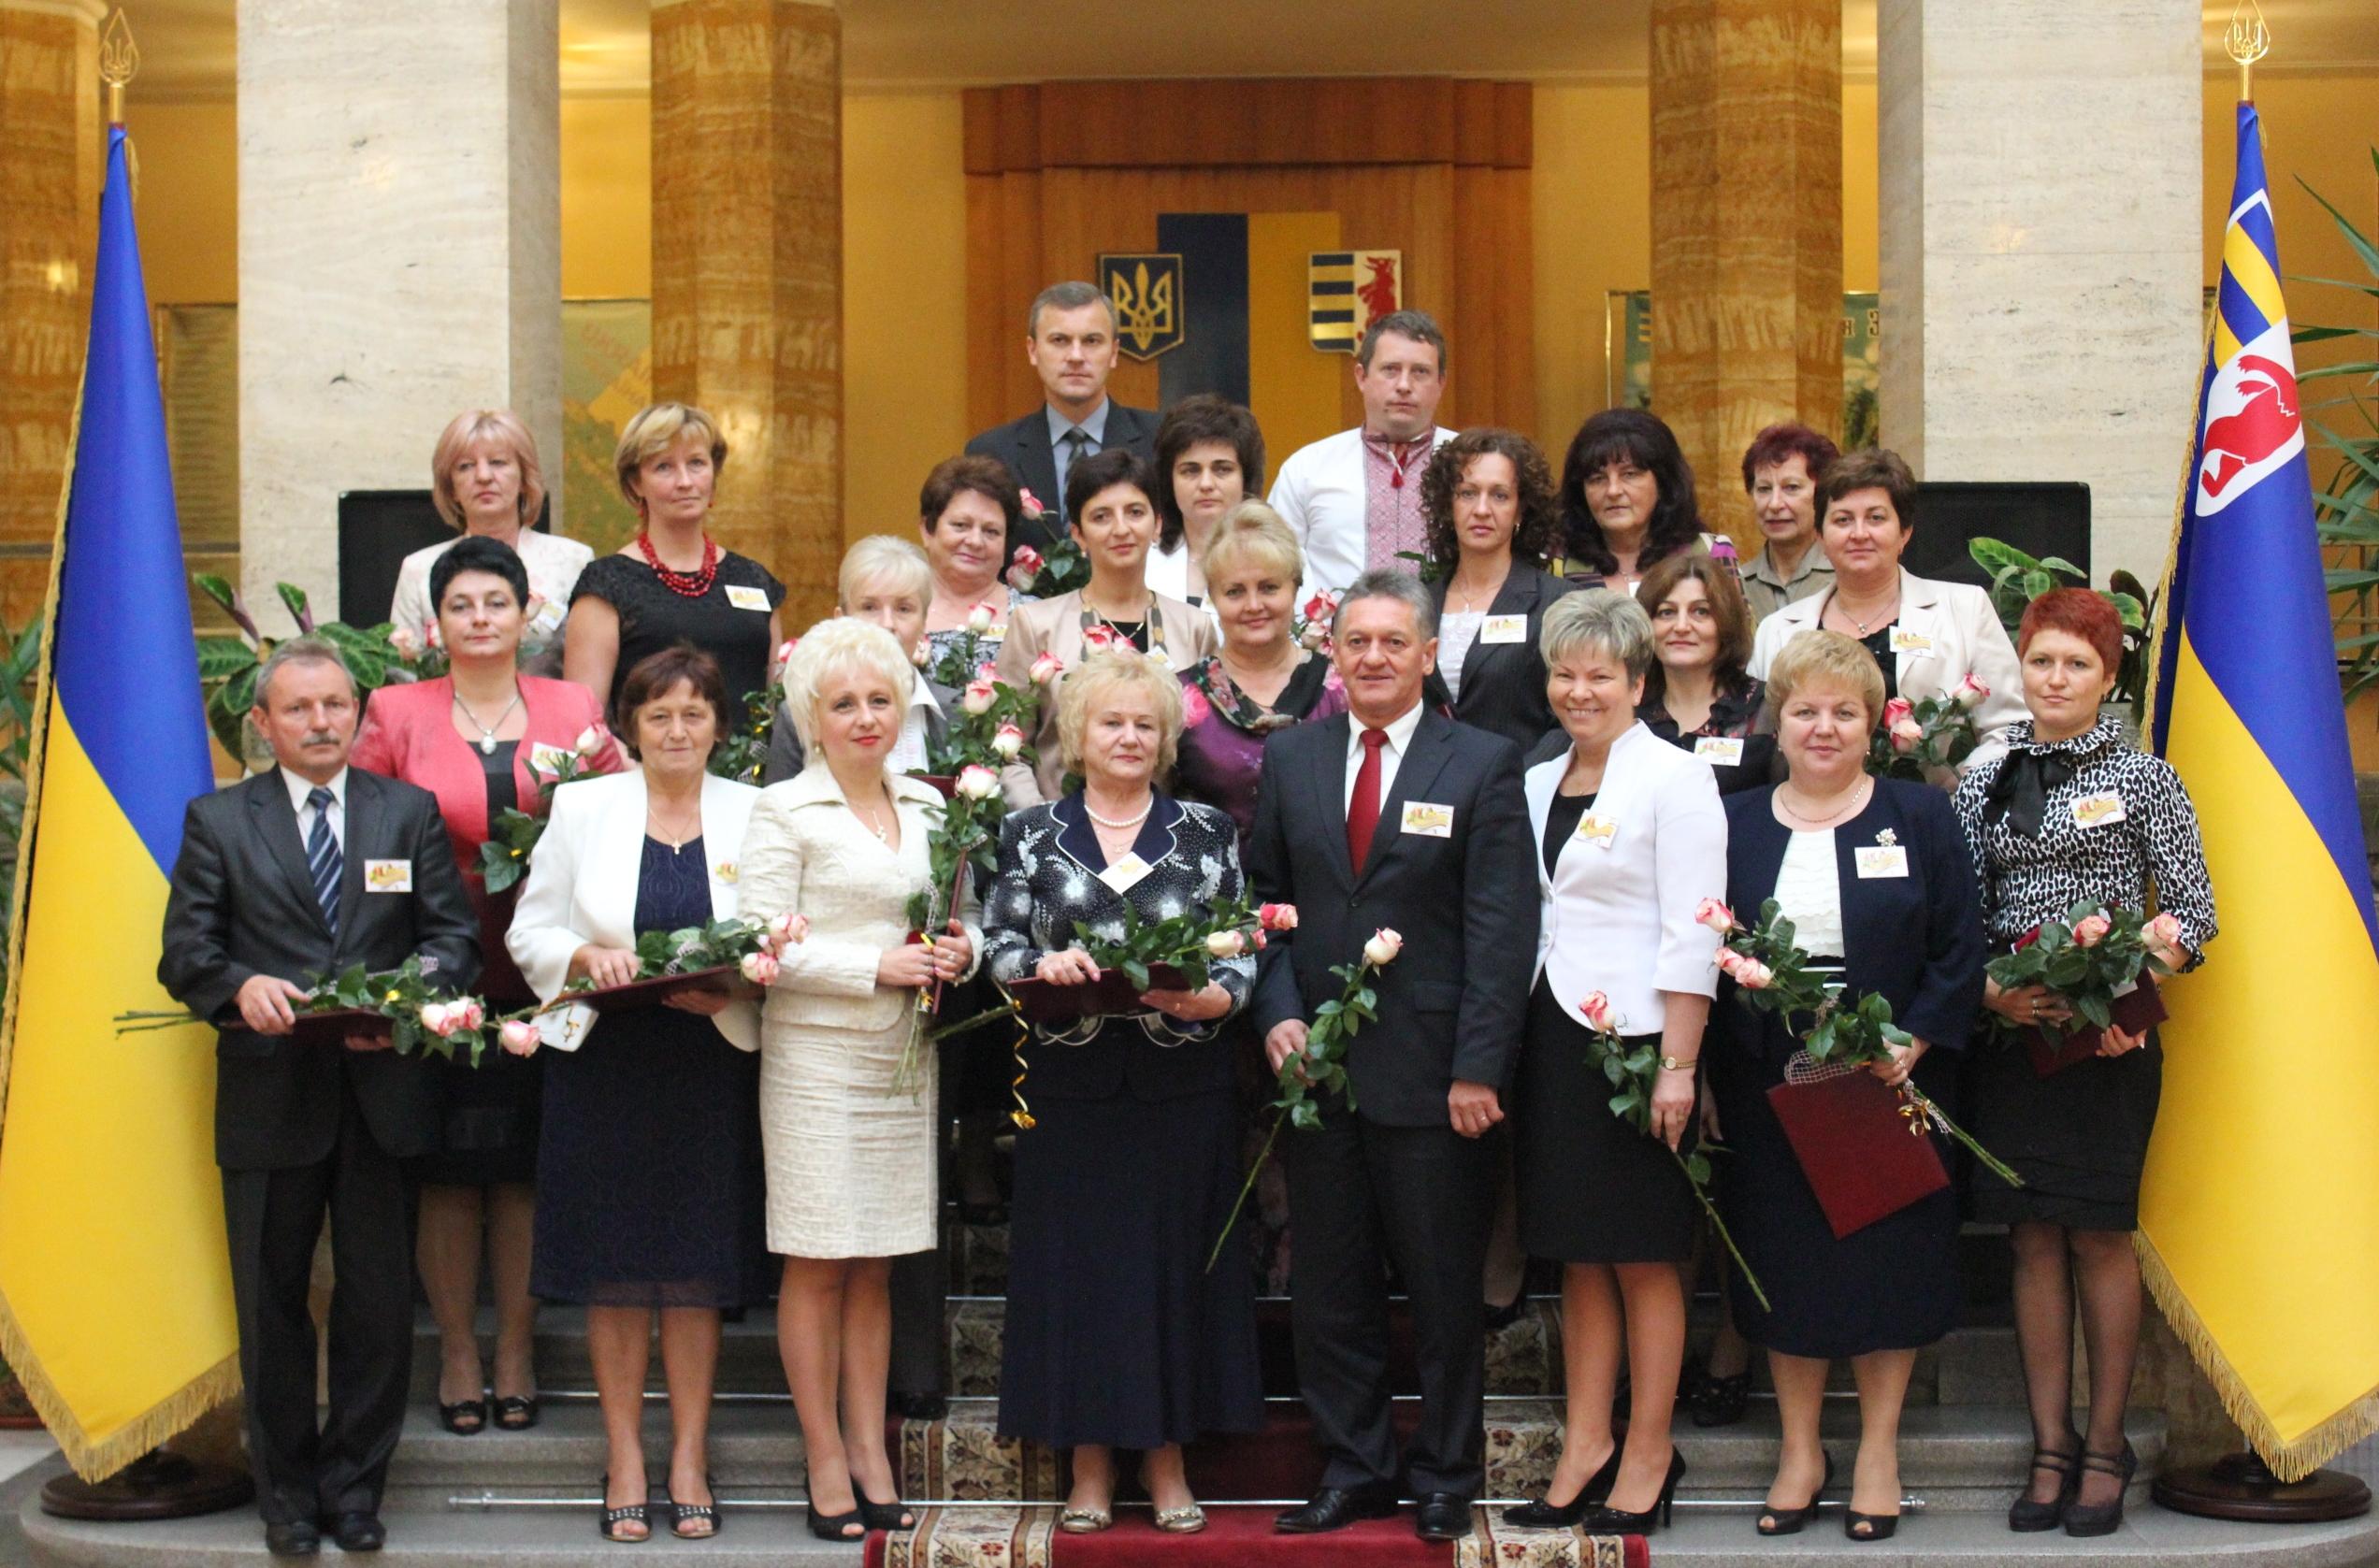 Закарпатських педагогів привітали з професійним святом